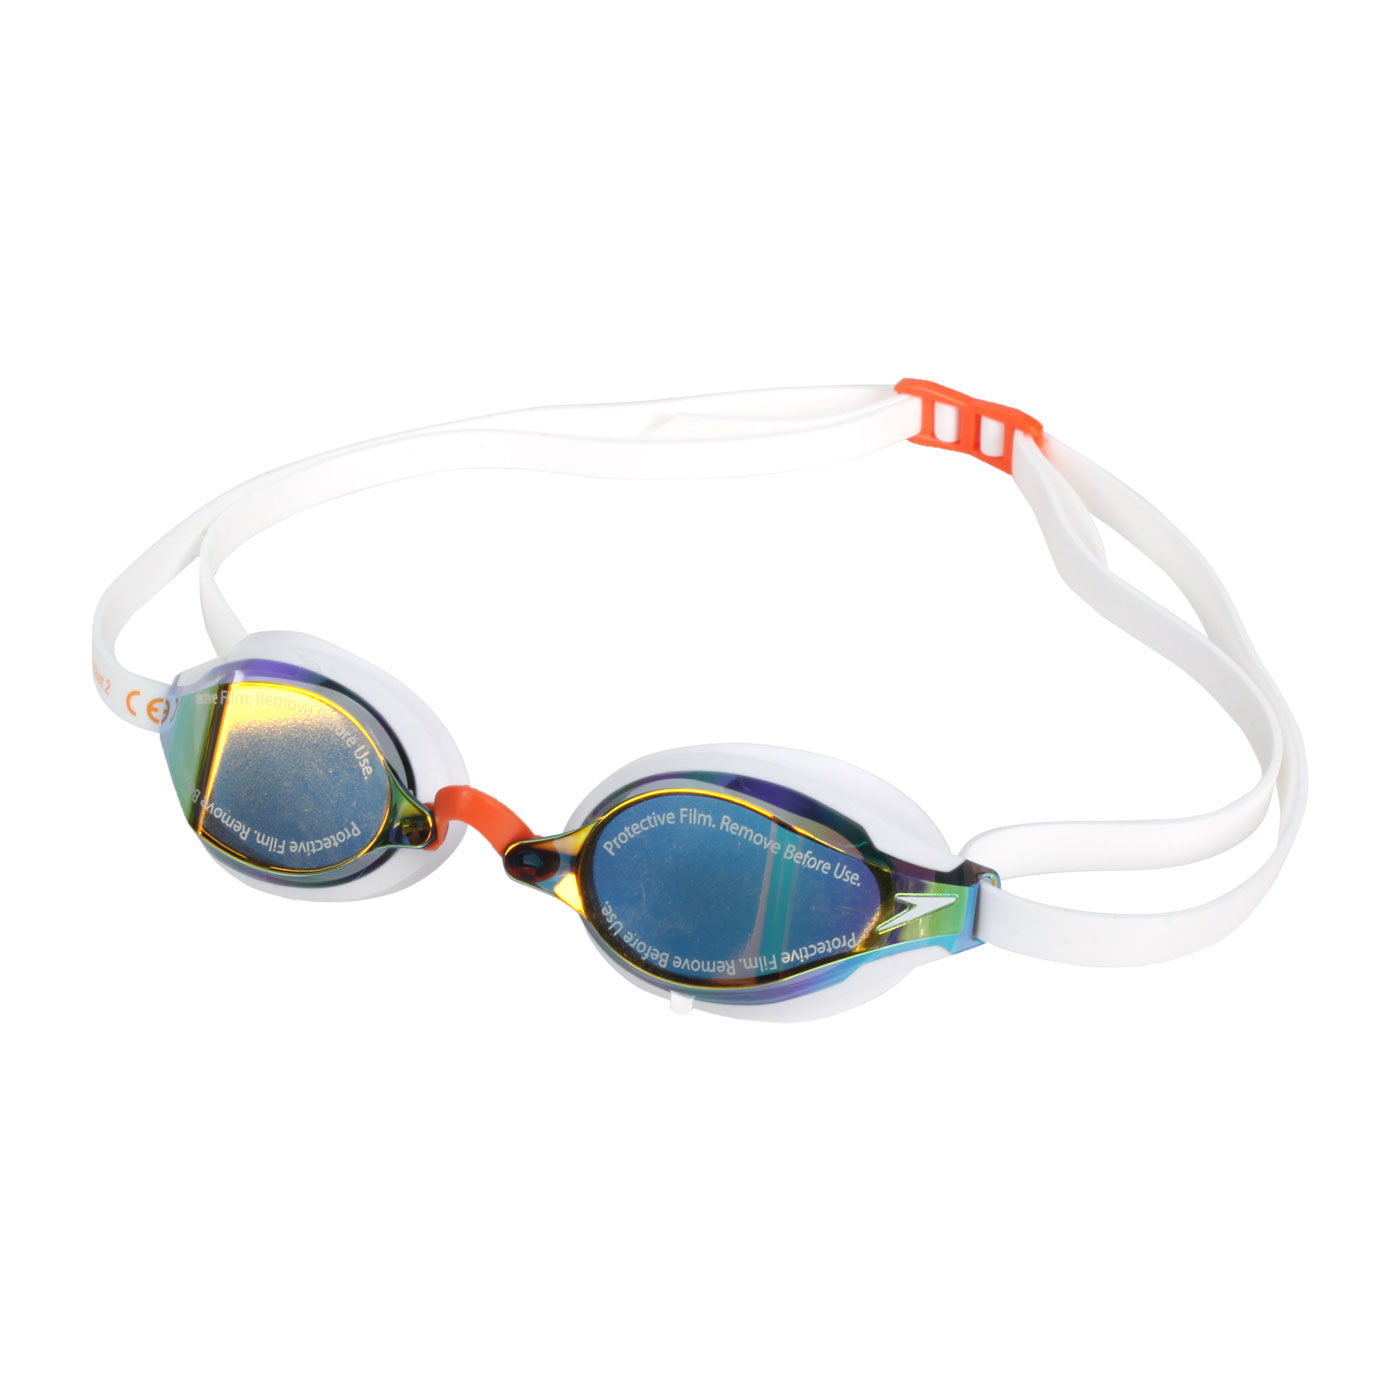 SPEEDO 成人競技泳鏡 SD810897F981 - 白橘